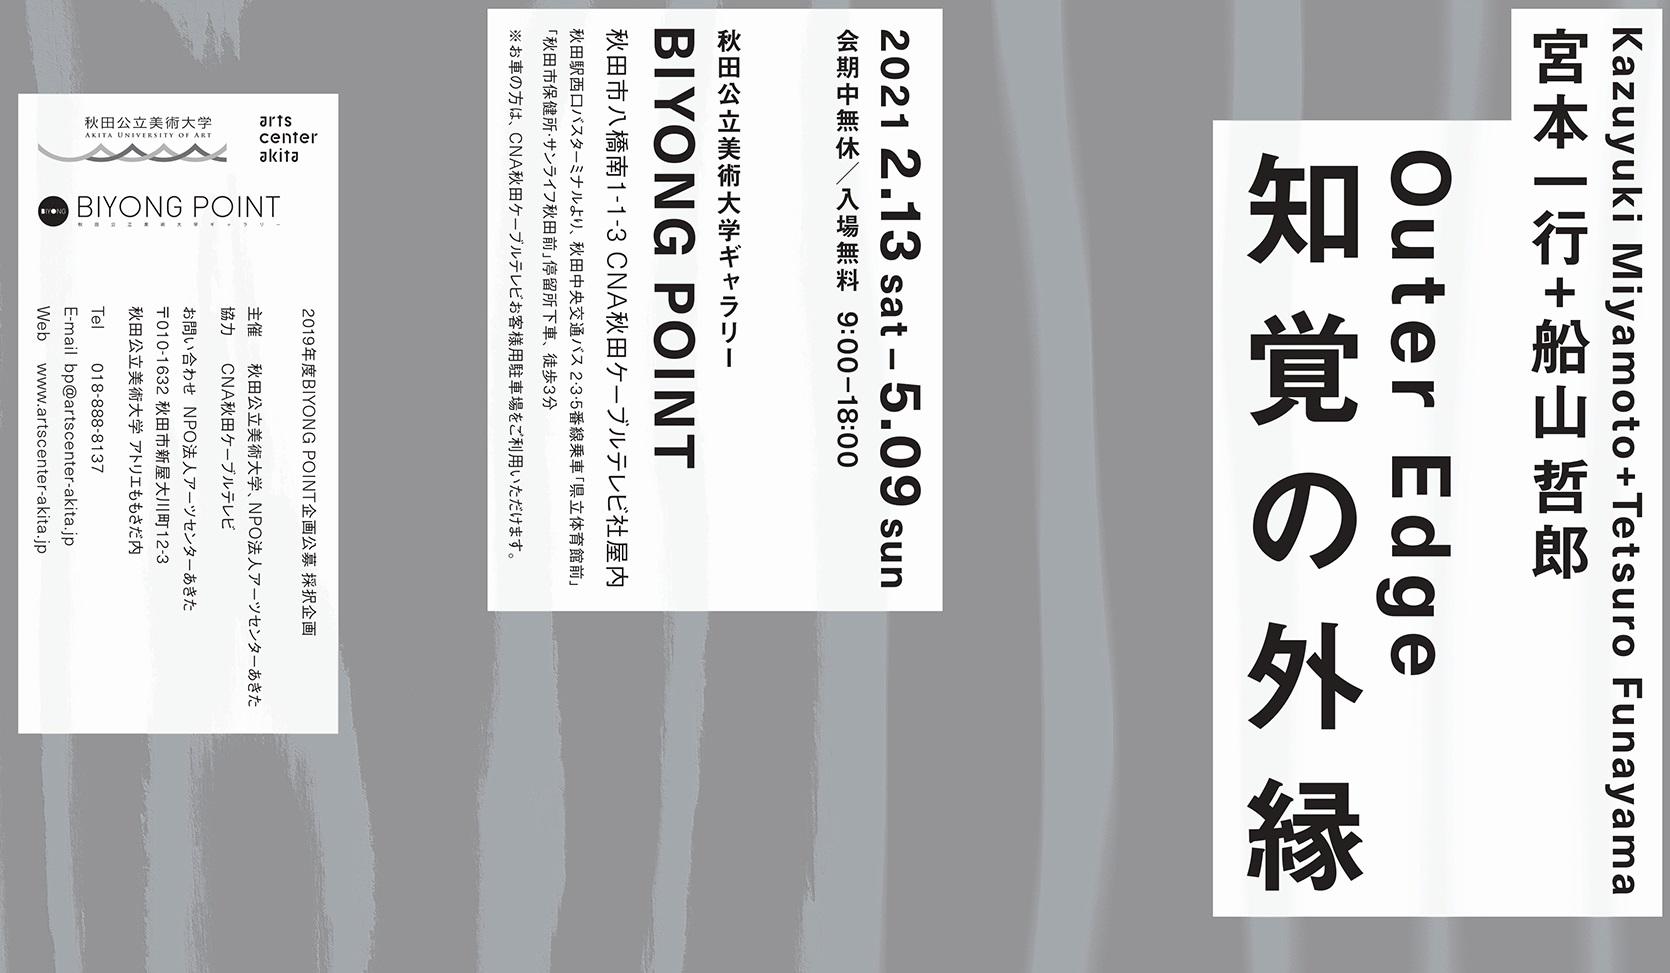 宮本一行+船山哲郎「Outer Edge / 知覚の外縁」